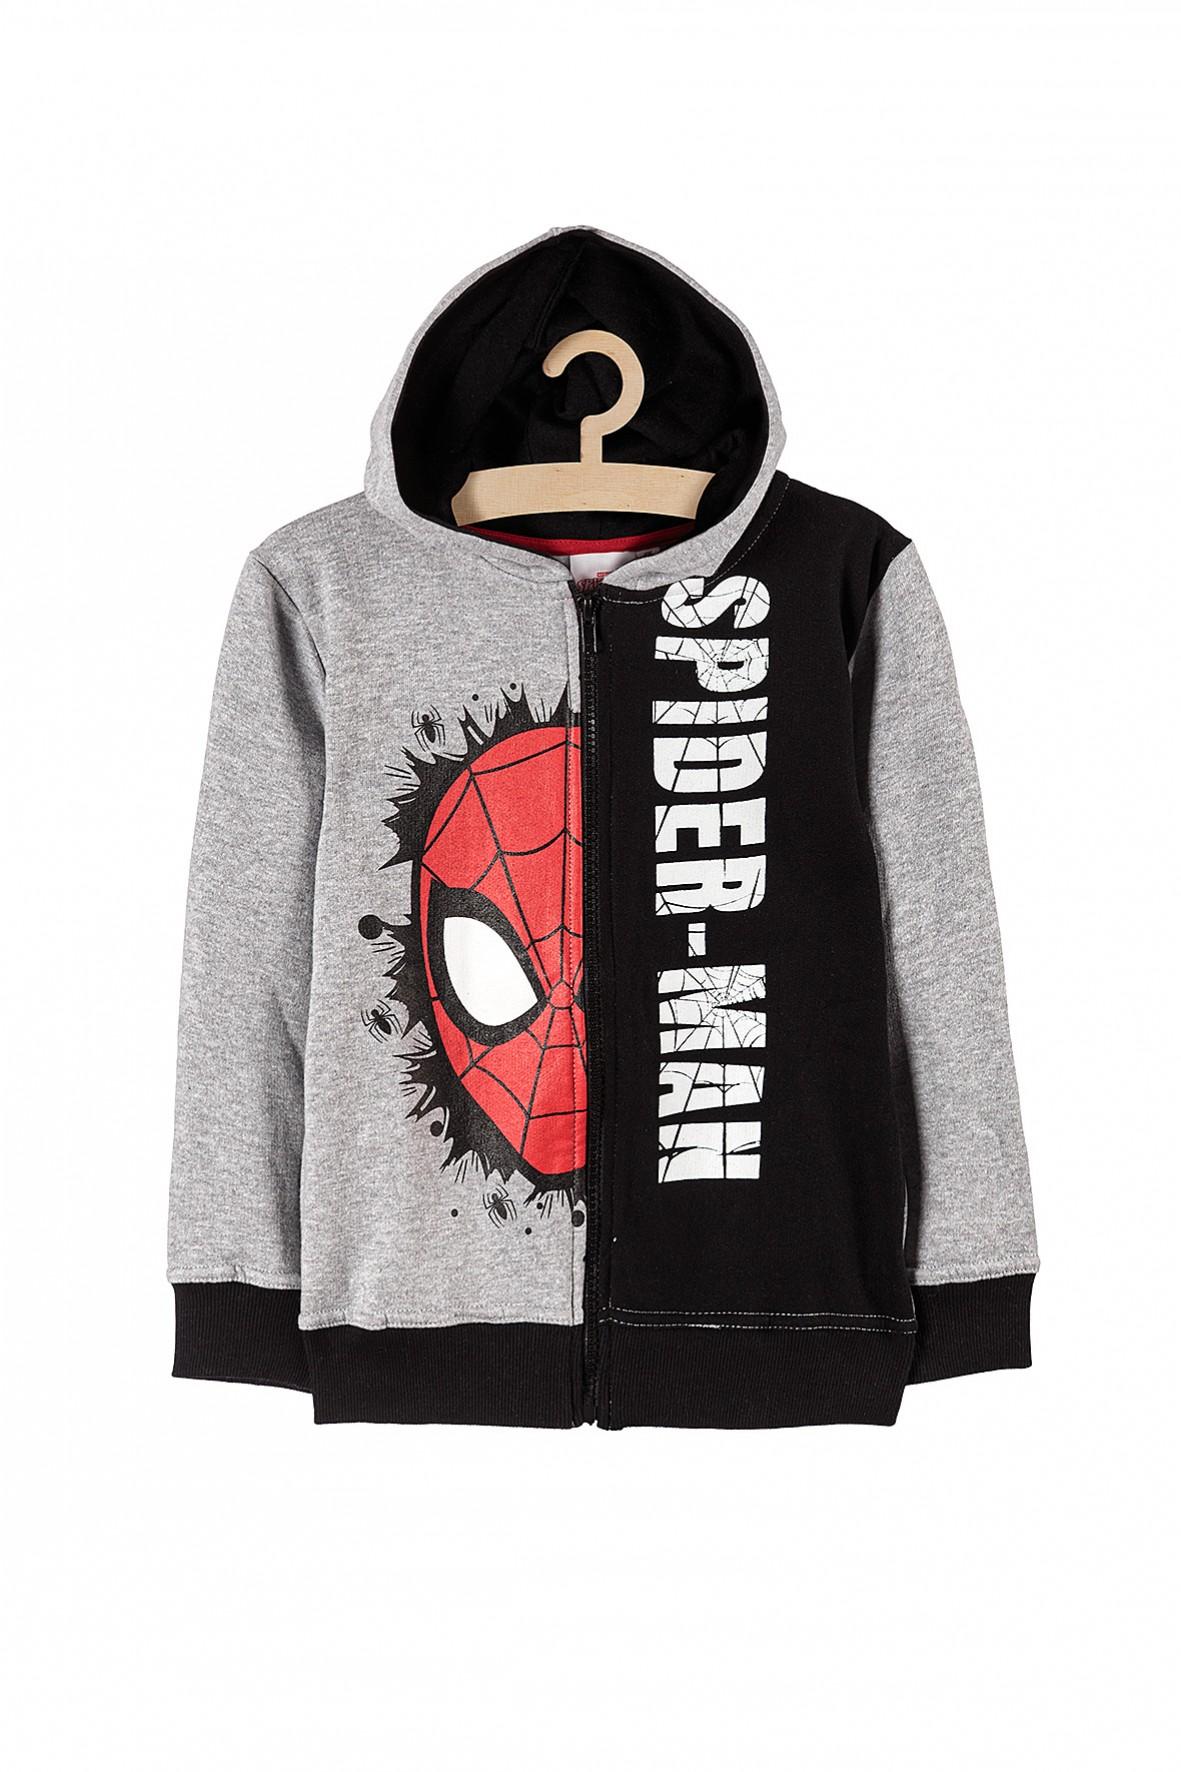 Bluza chłopięca dresowa rozpinana Spiderman